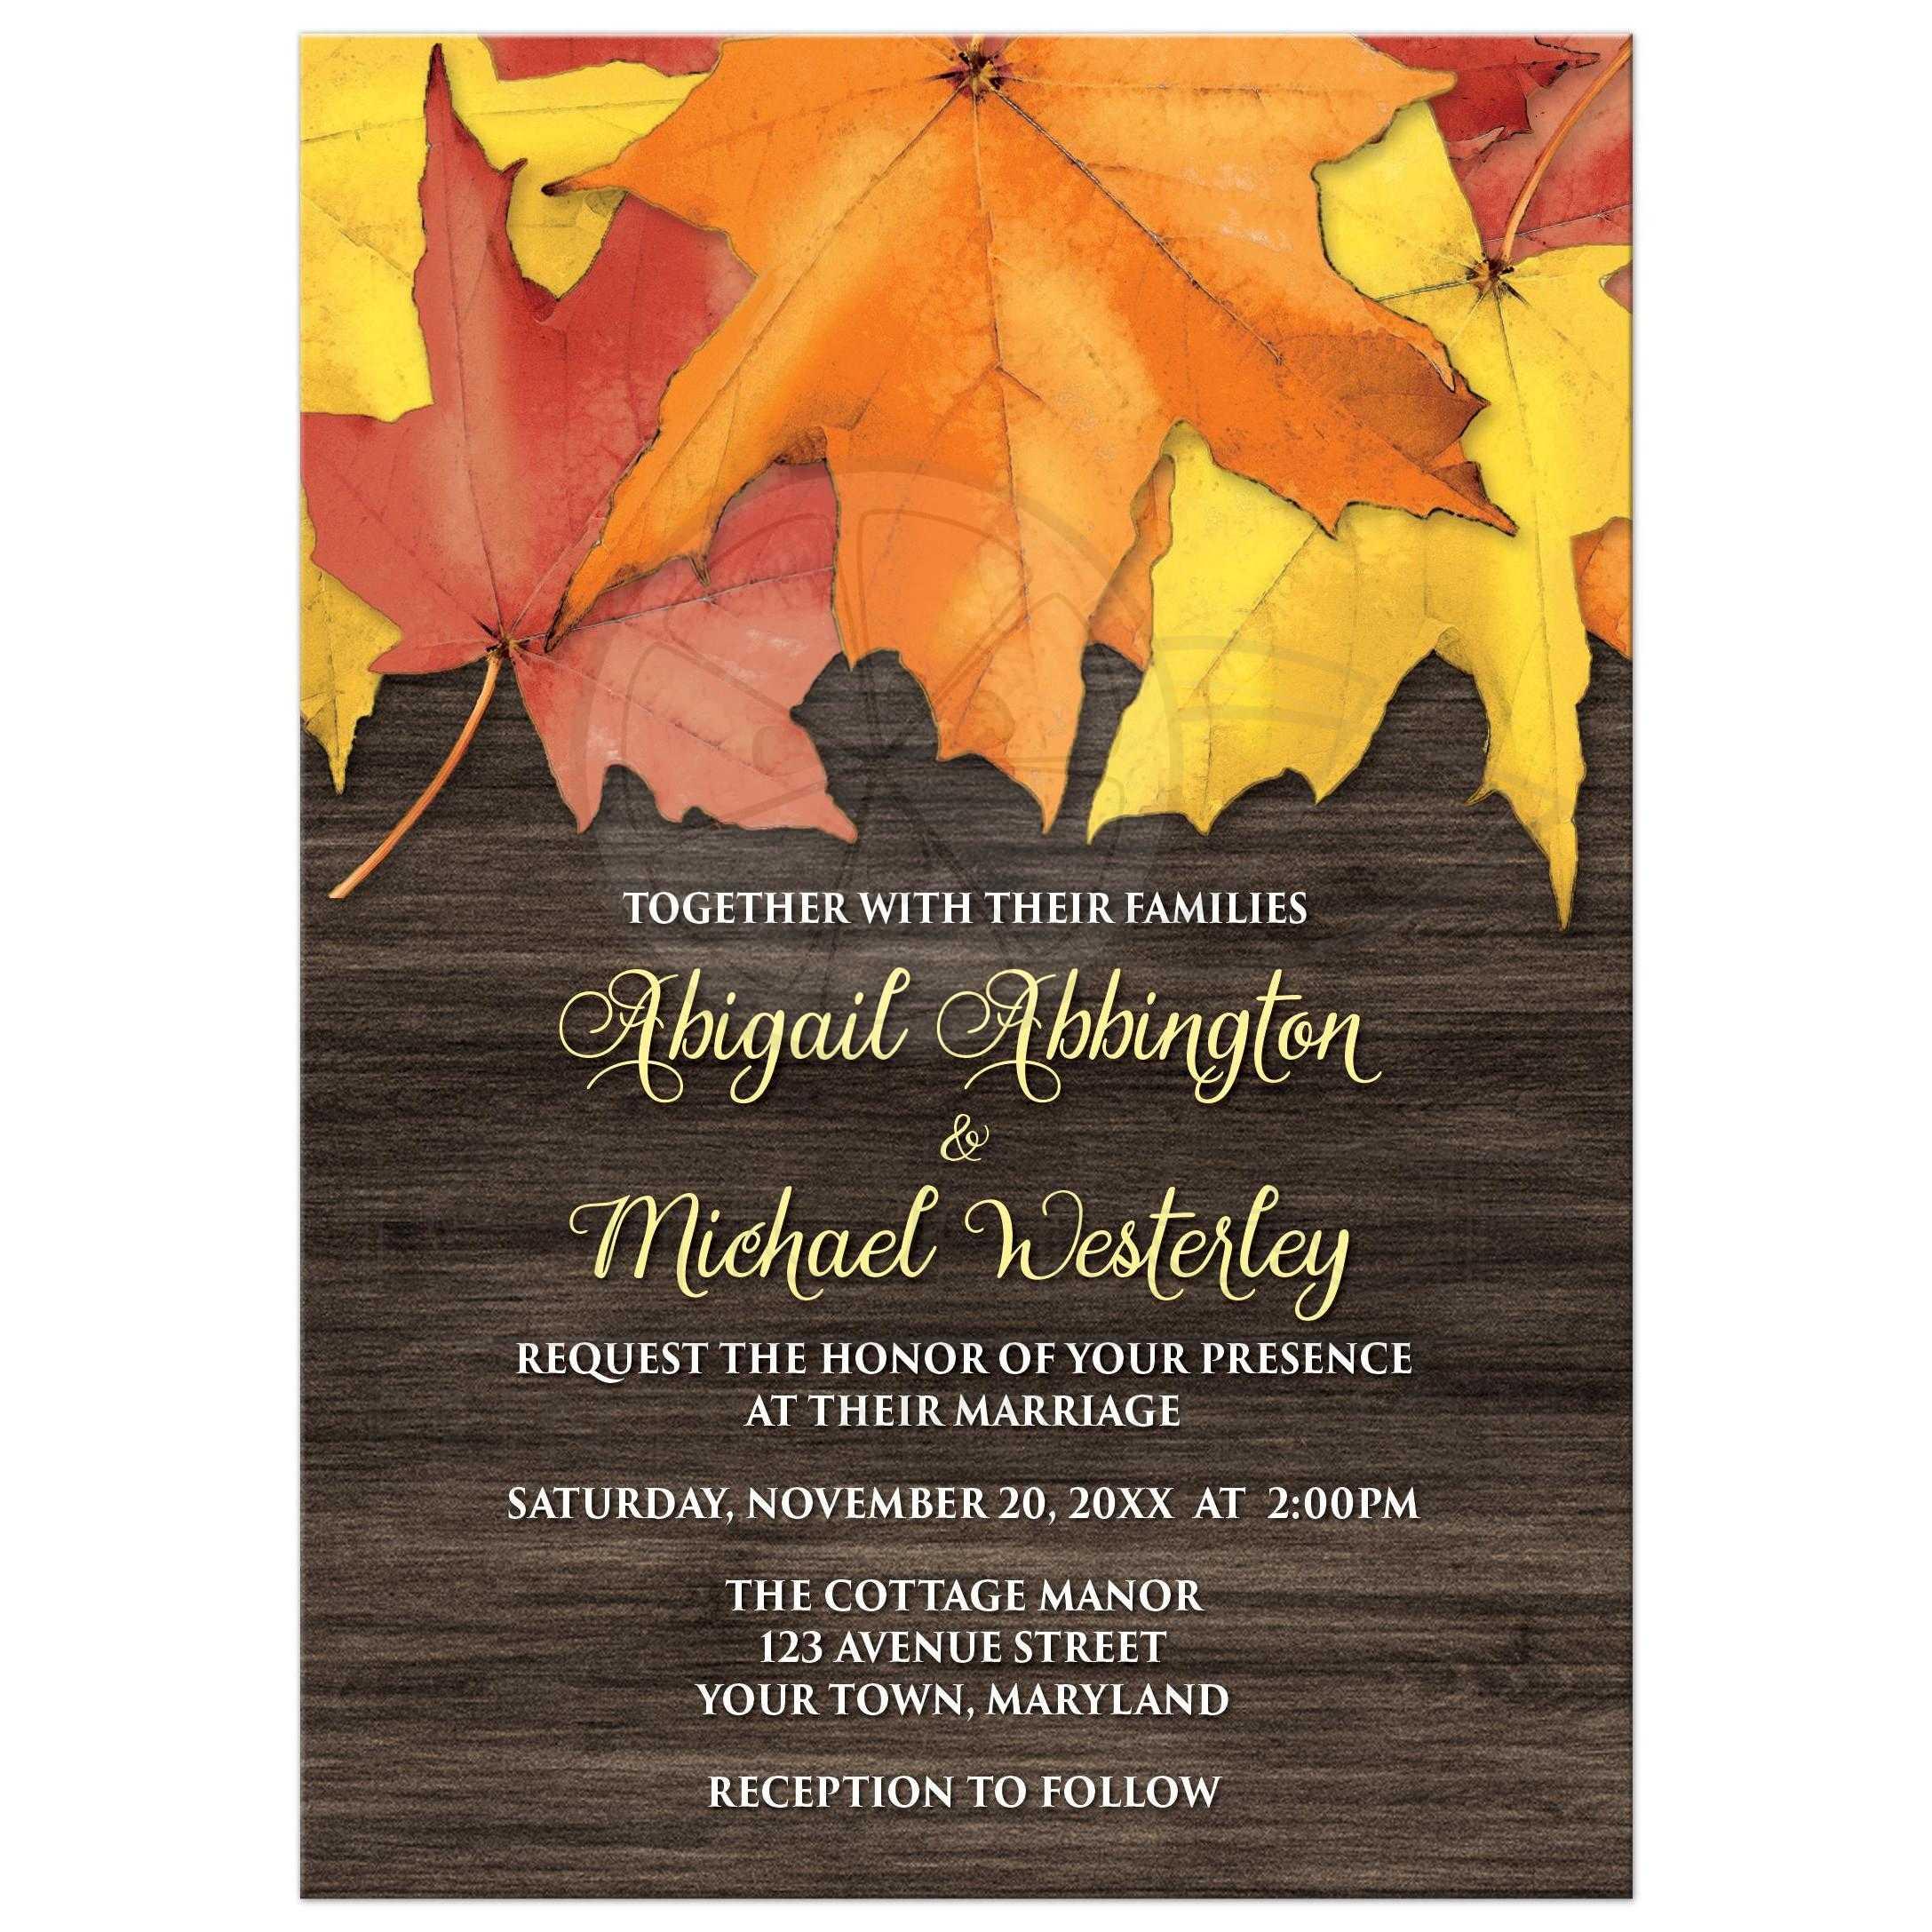 michaels invitation kits wedding wedding invitations michaels fall maple leaves vintage wedding invitation rustic autumn leaves and wood wedding invitation